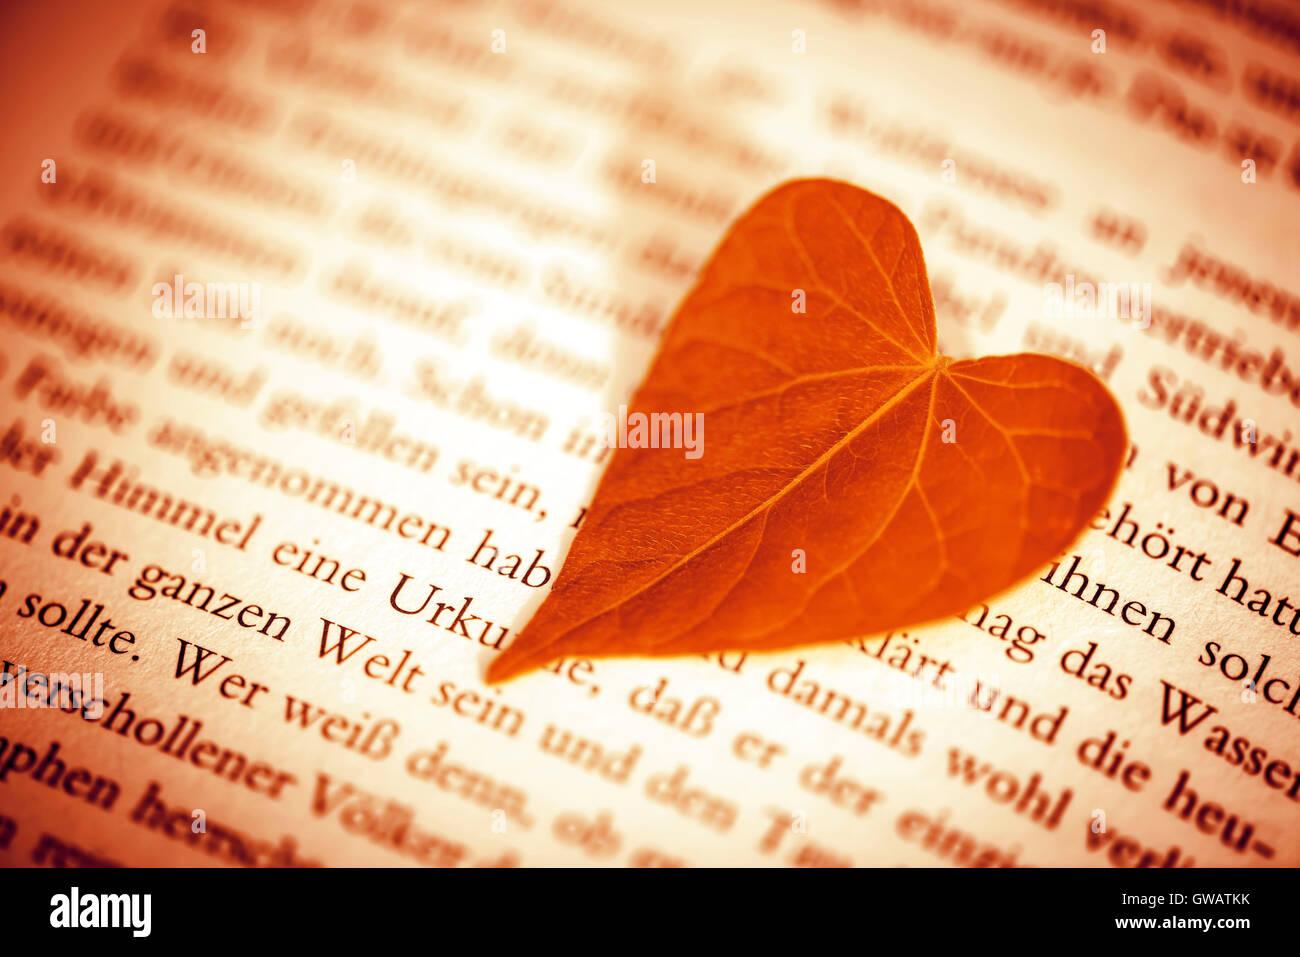 Heart-shaped sheet on a book page, Herzfoermiges Blatt auf einer Buchseite - Stock Image